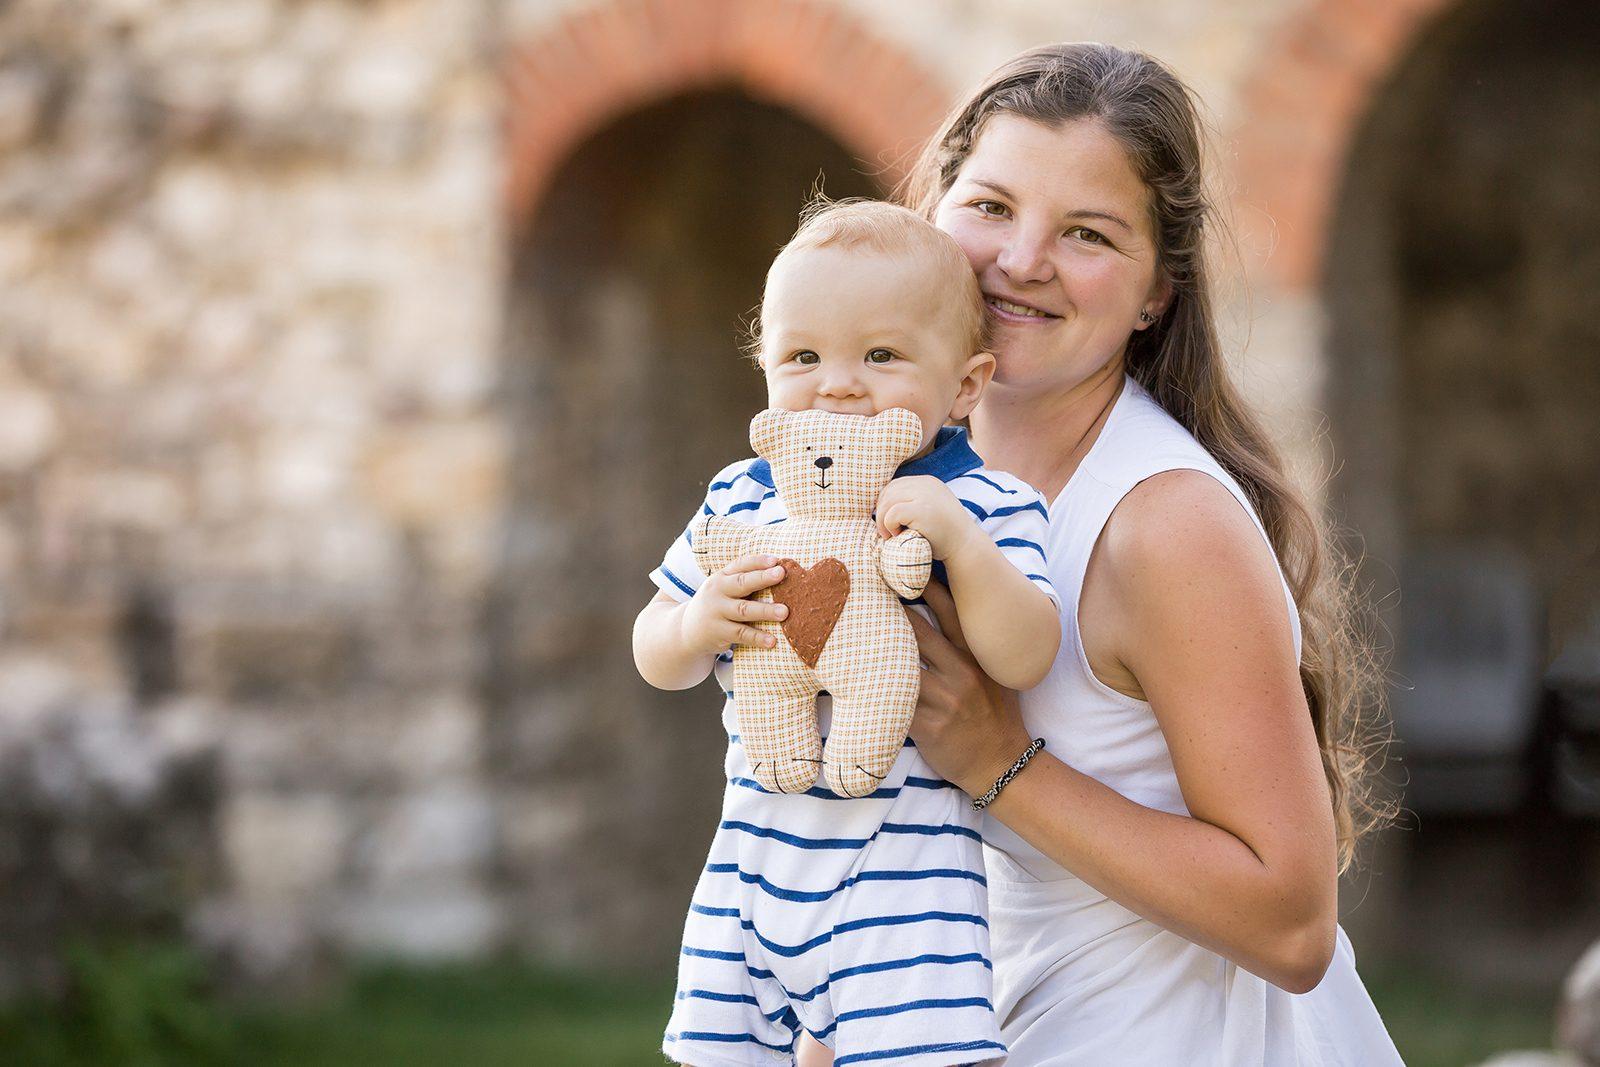 gyermekfotózás-Veszprém- Balaton környéke